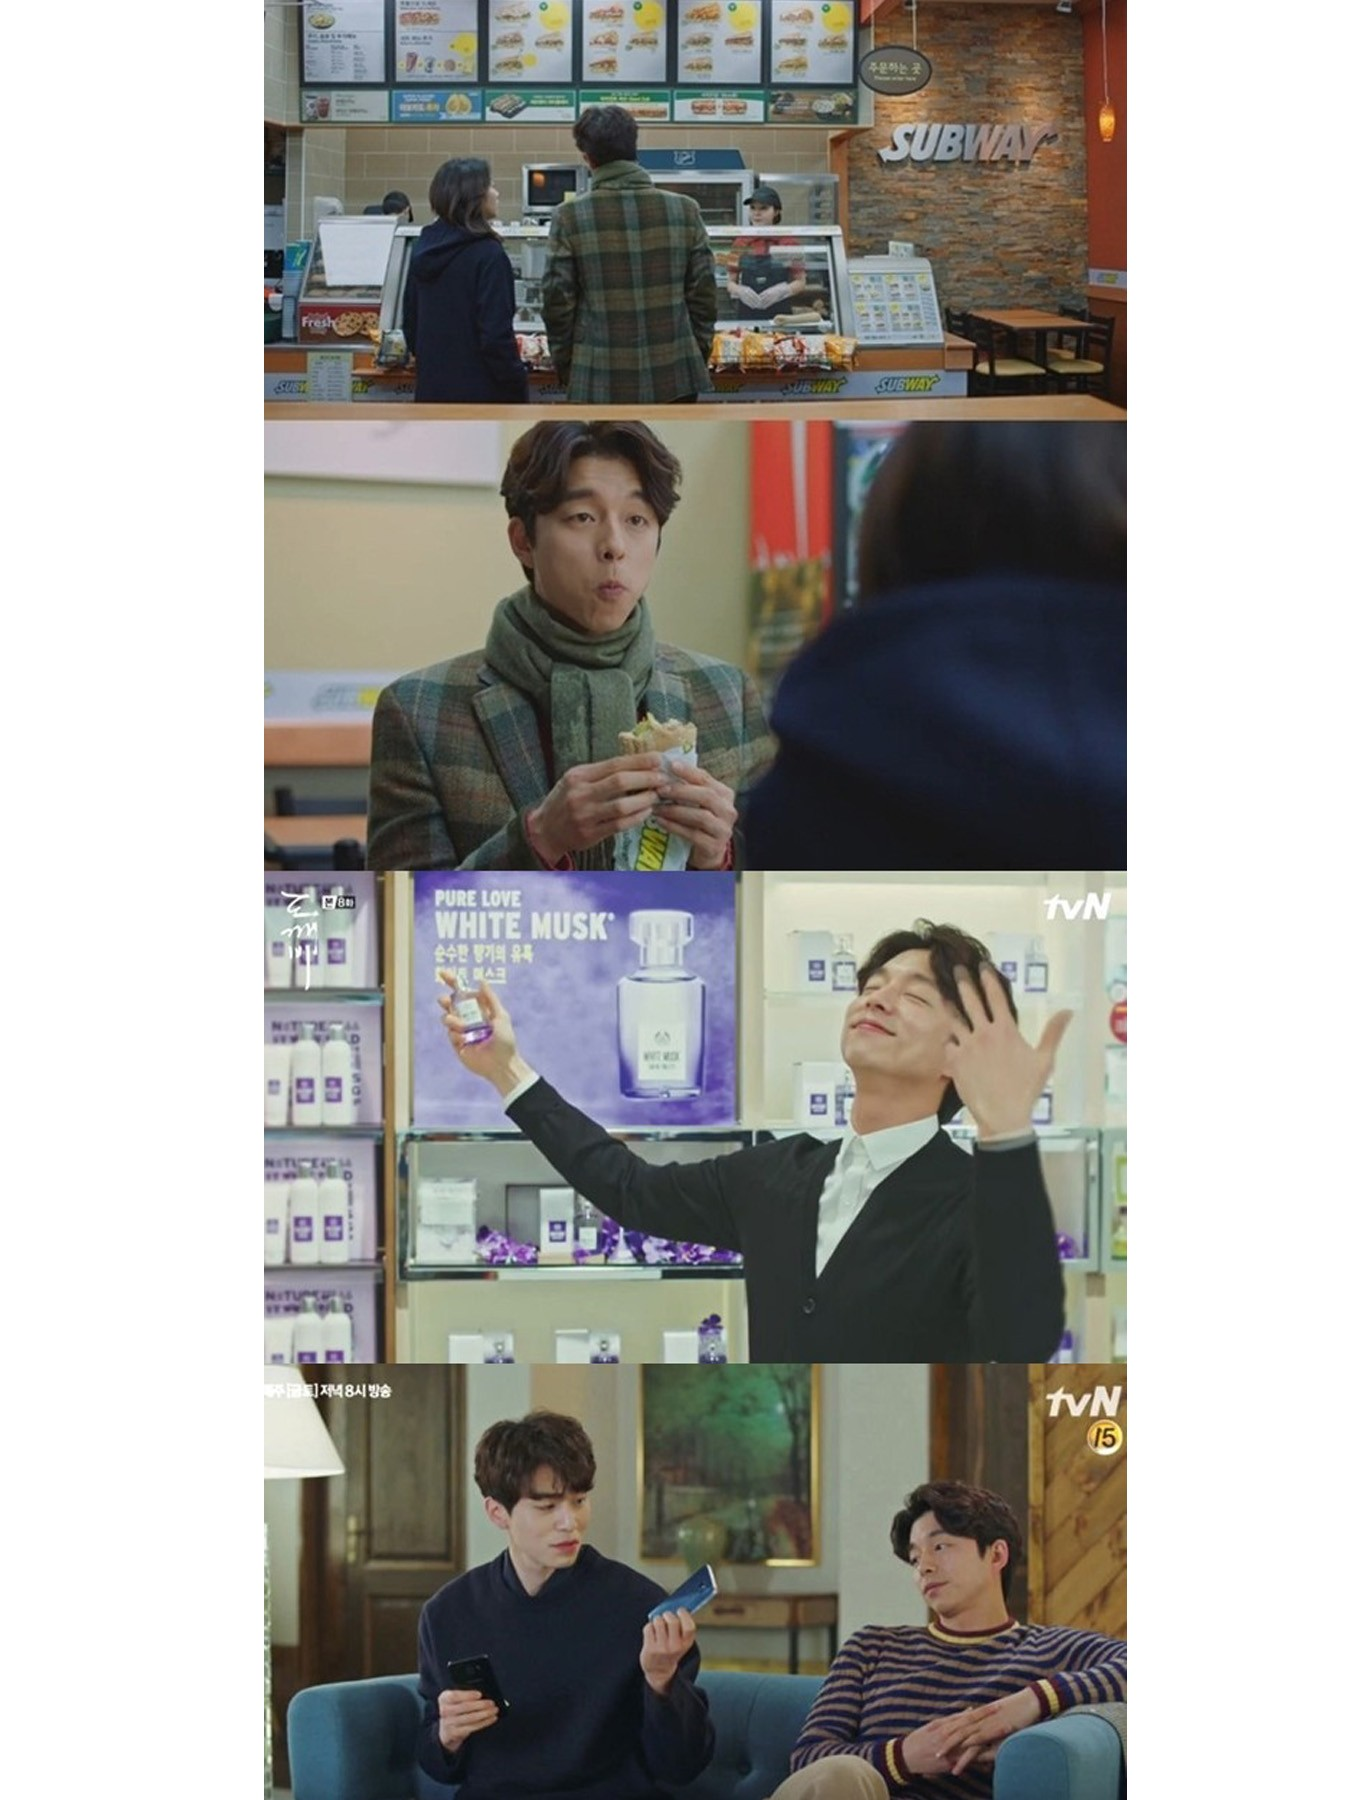 Korean drama 'Goblin' popular but controversial